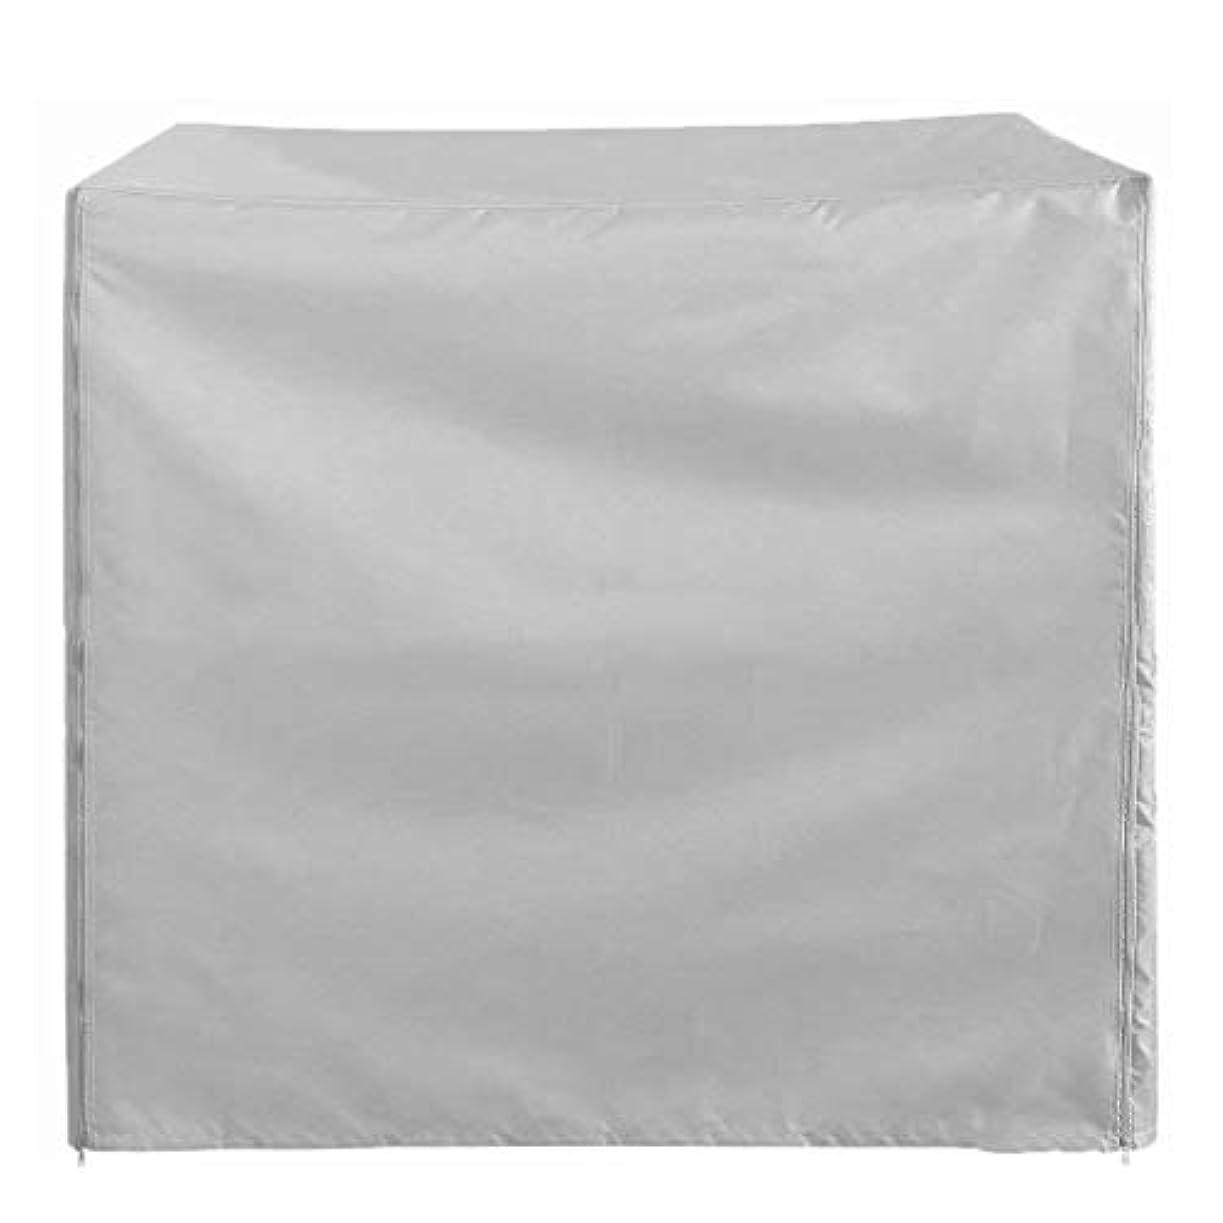 保守的避難買い物に行くJcy 中庭の振動カバー、屋外の防水おおいの庭のテラスの掛かる椅子カバー (色 : Gray, Size : 223x152x183cm)